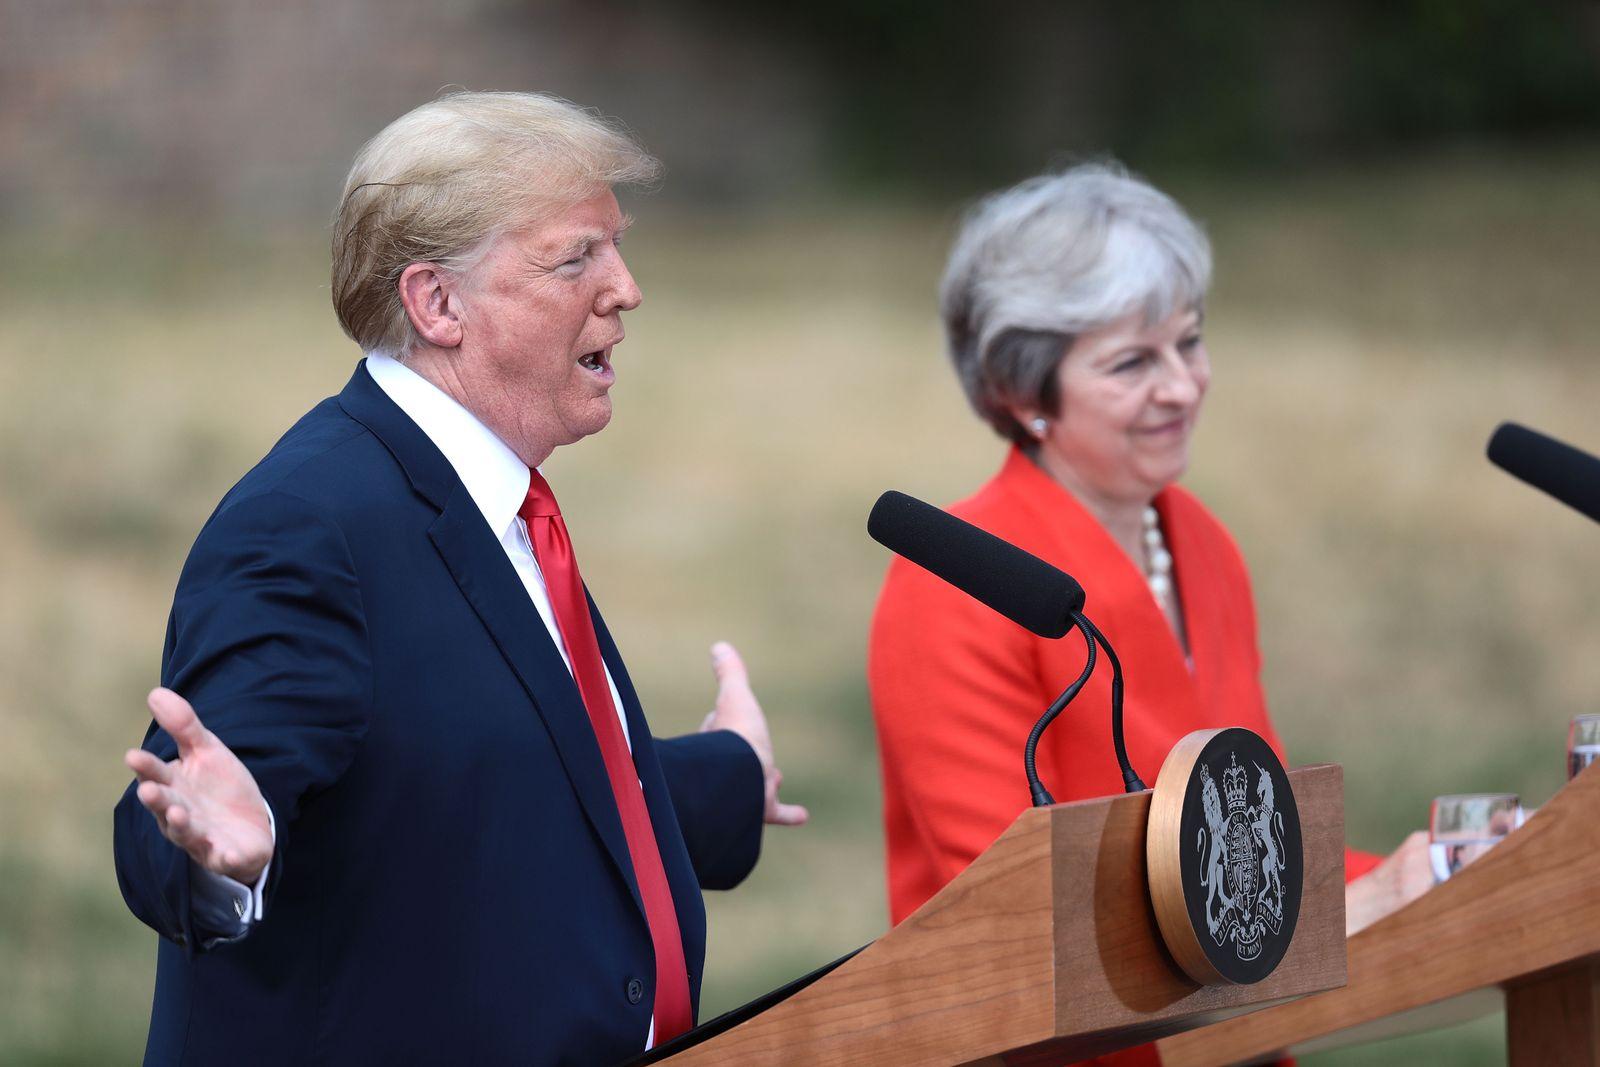 May & Trump